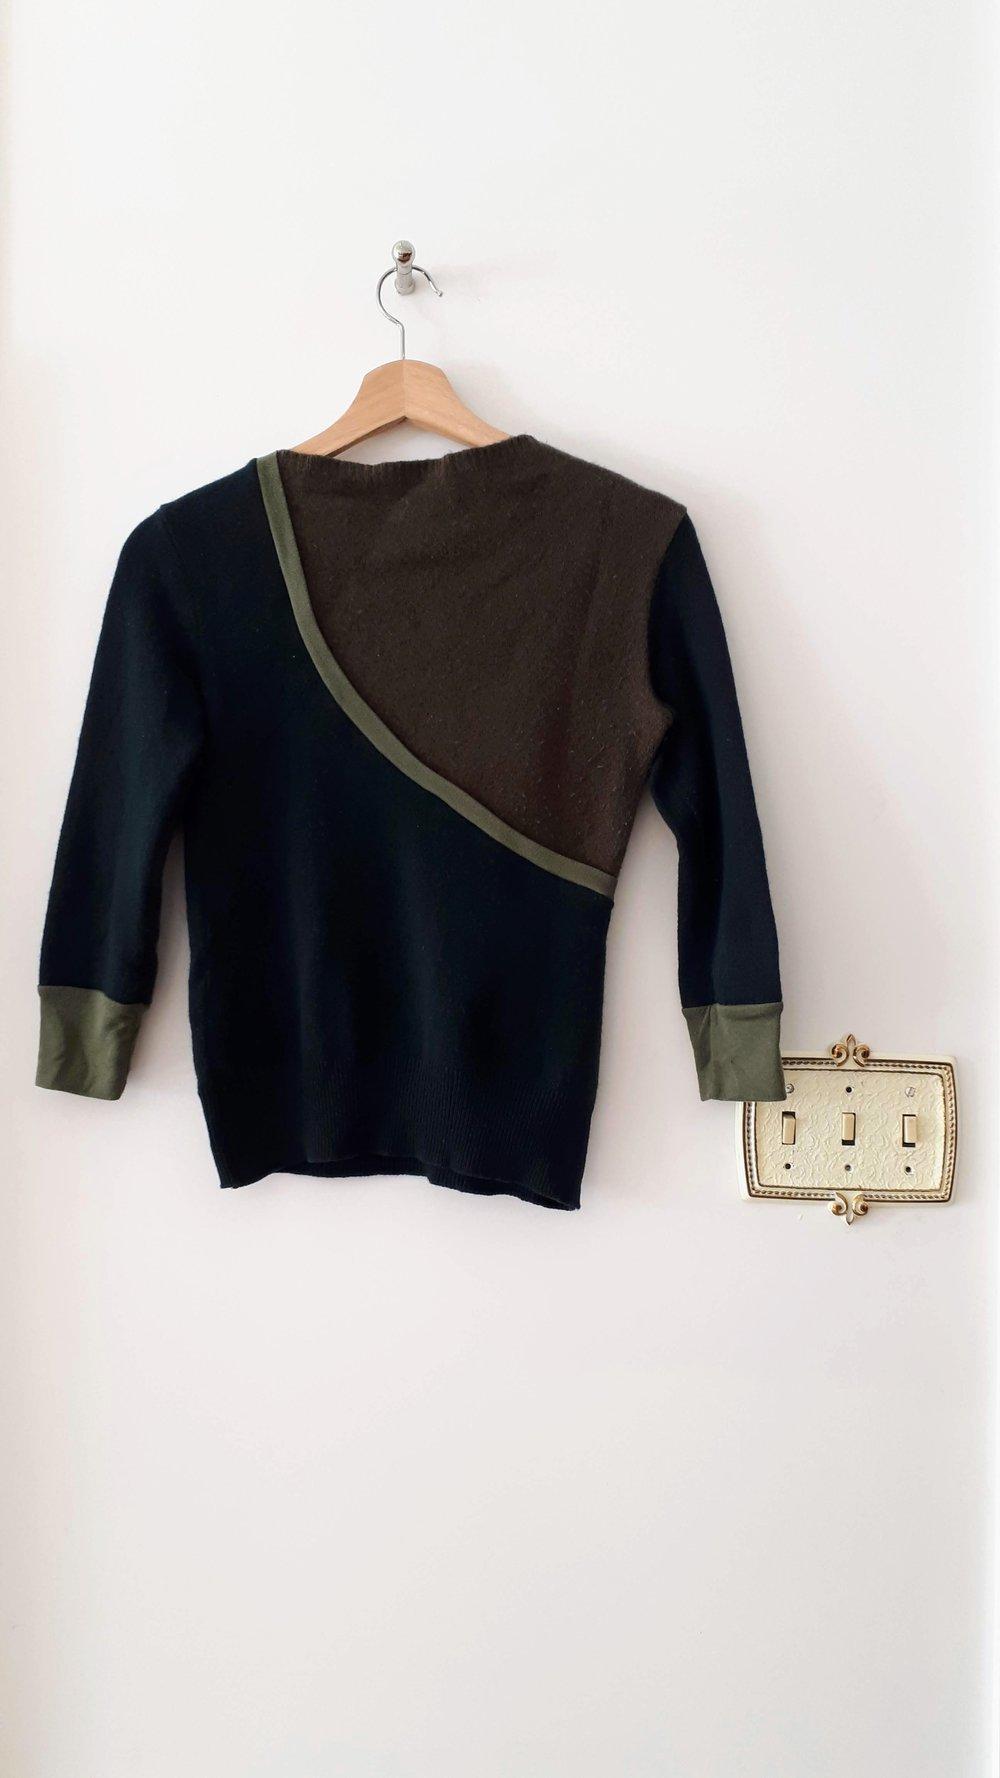 Preloved top; Size S, $26